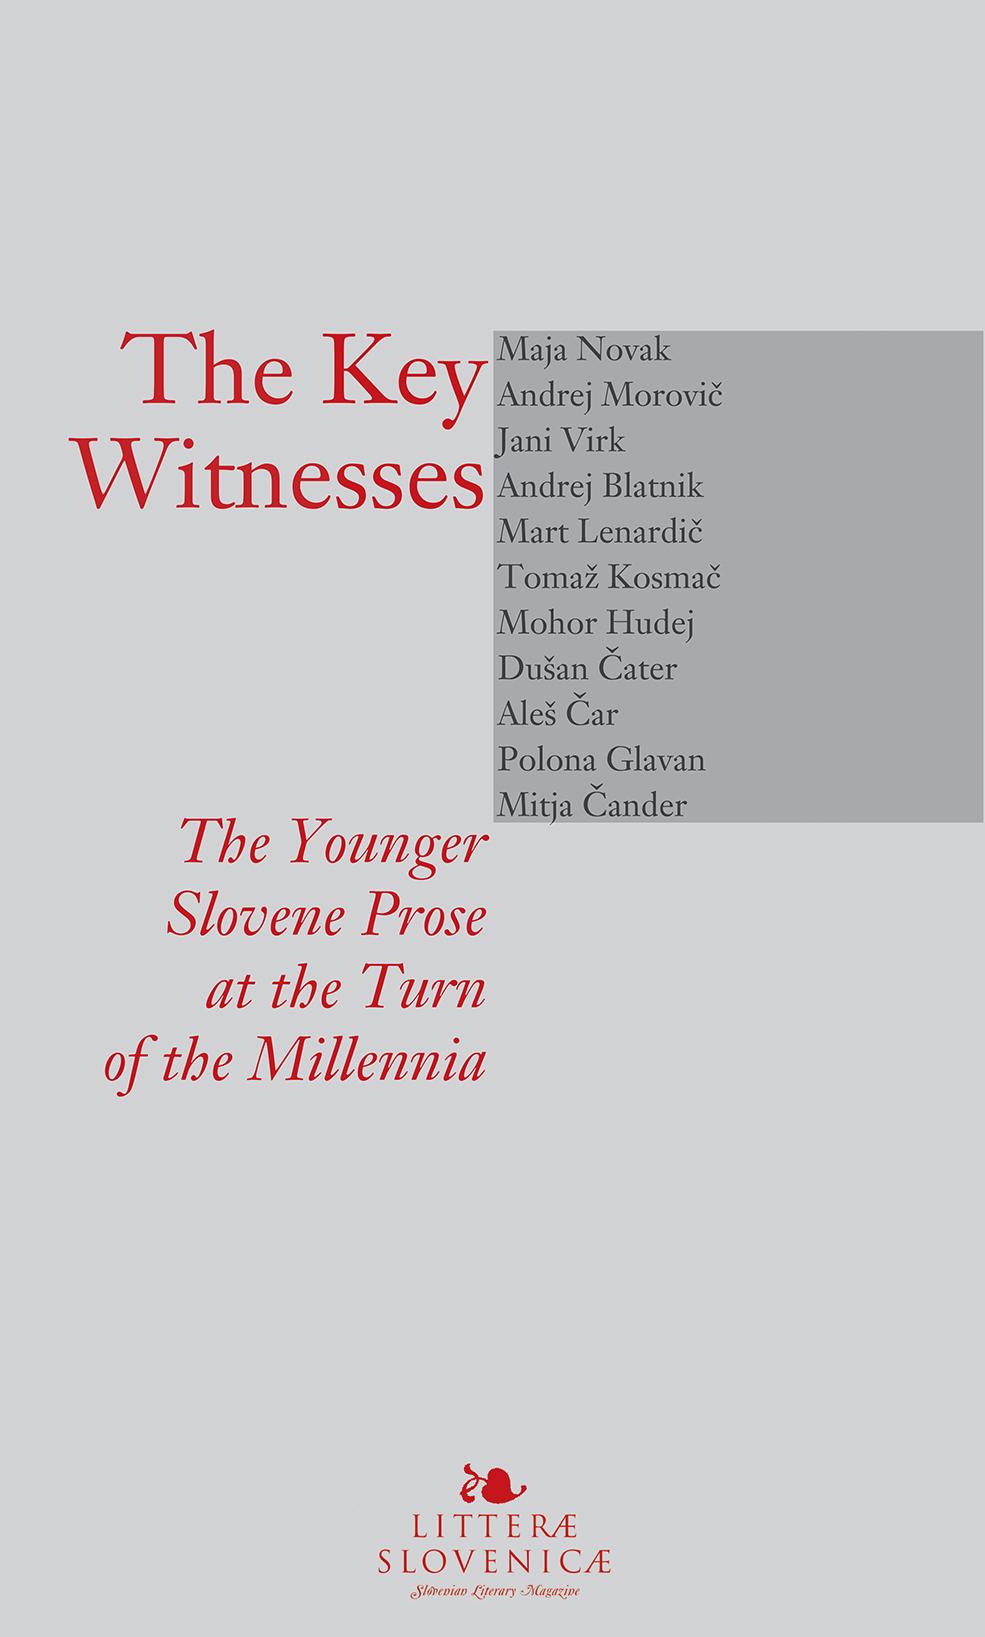 2003_The_Key_Witnesses_NASL-2.jpg